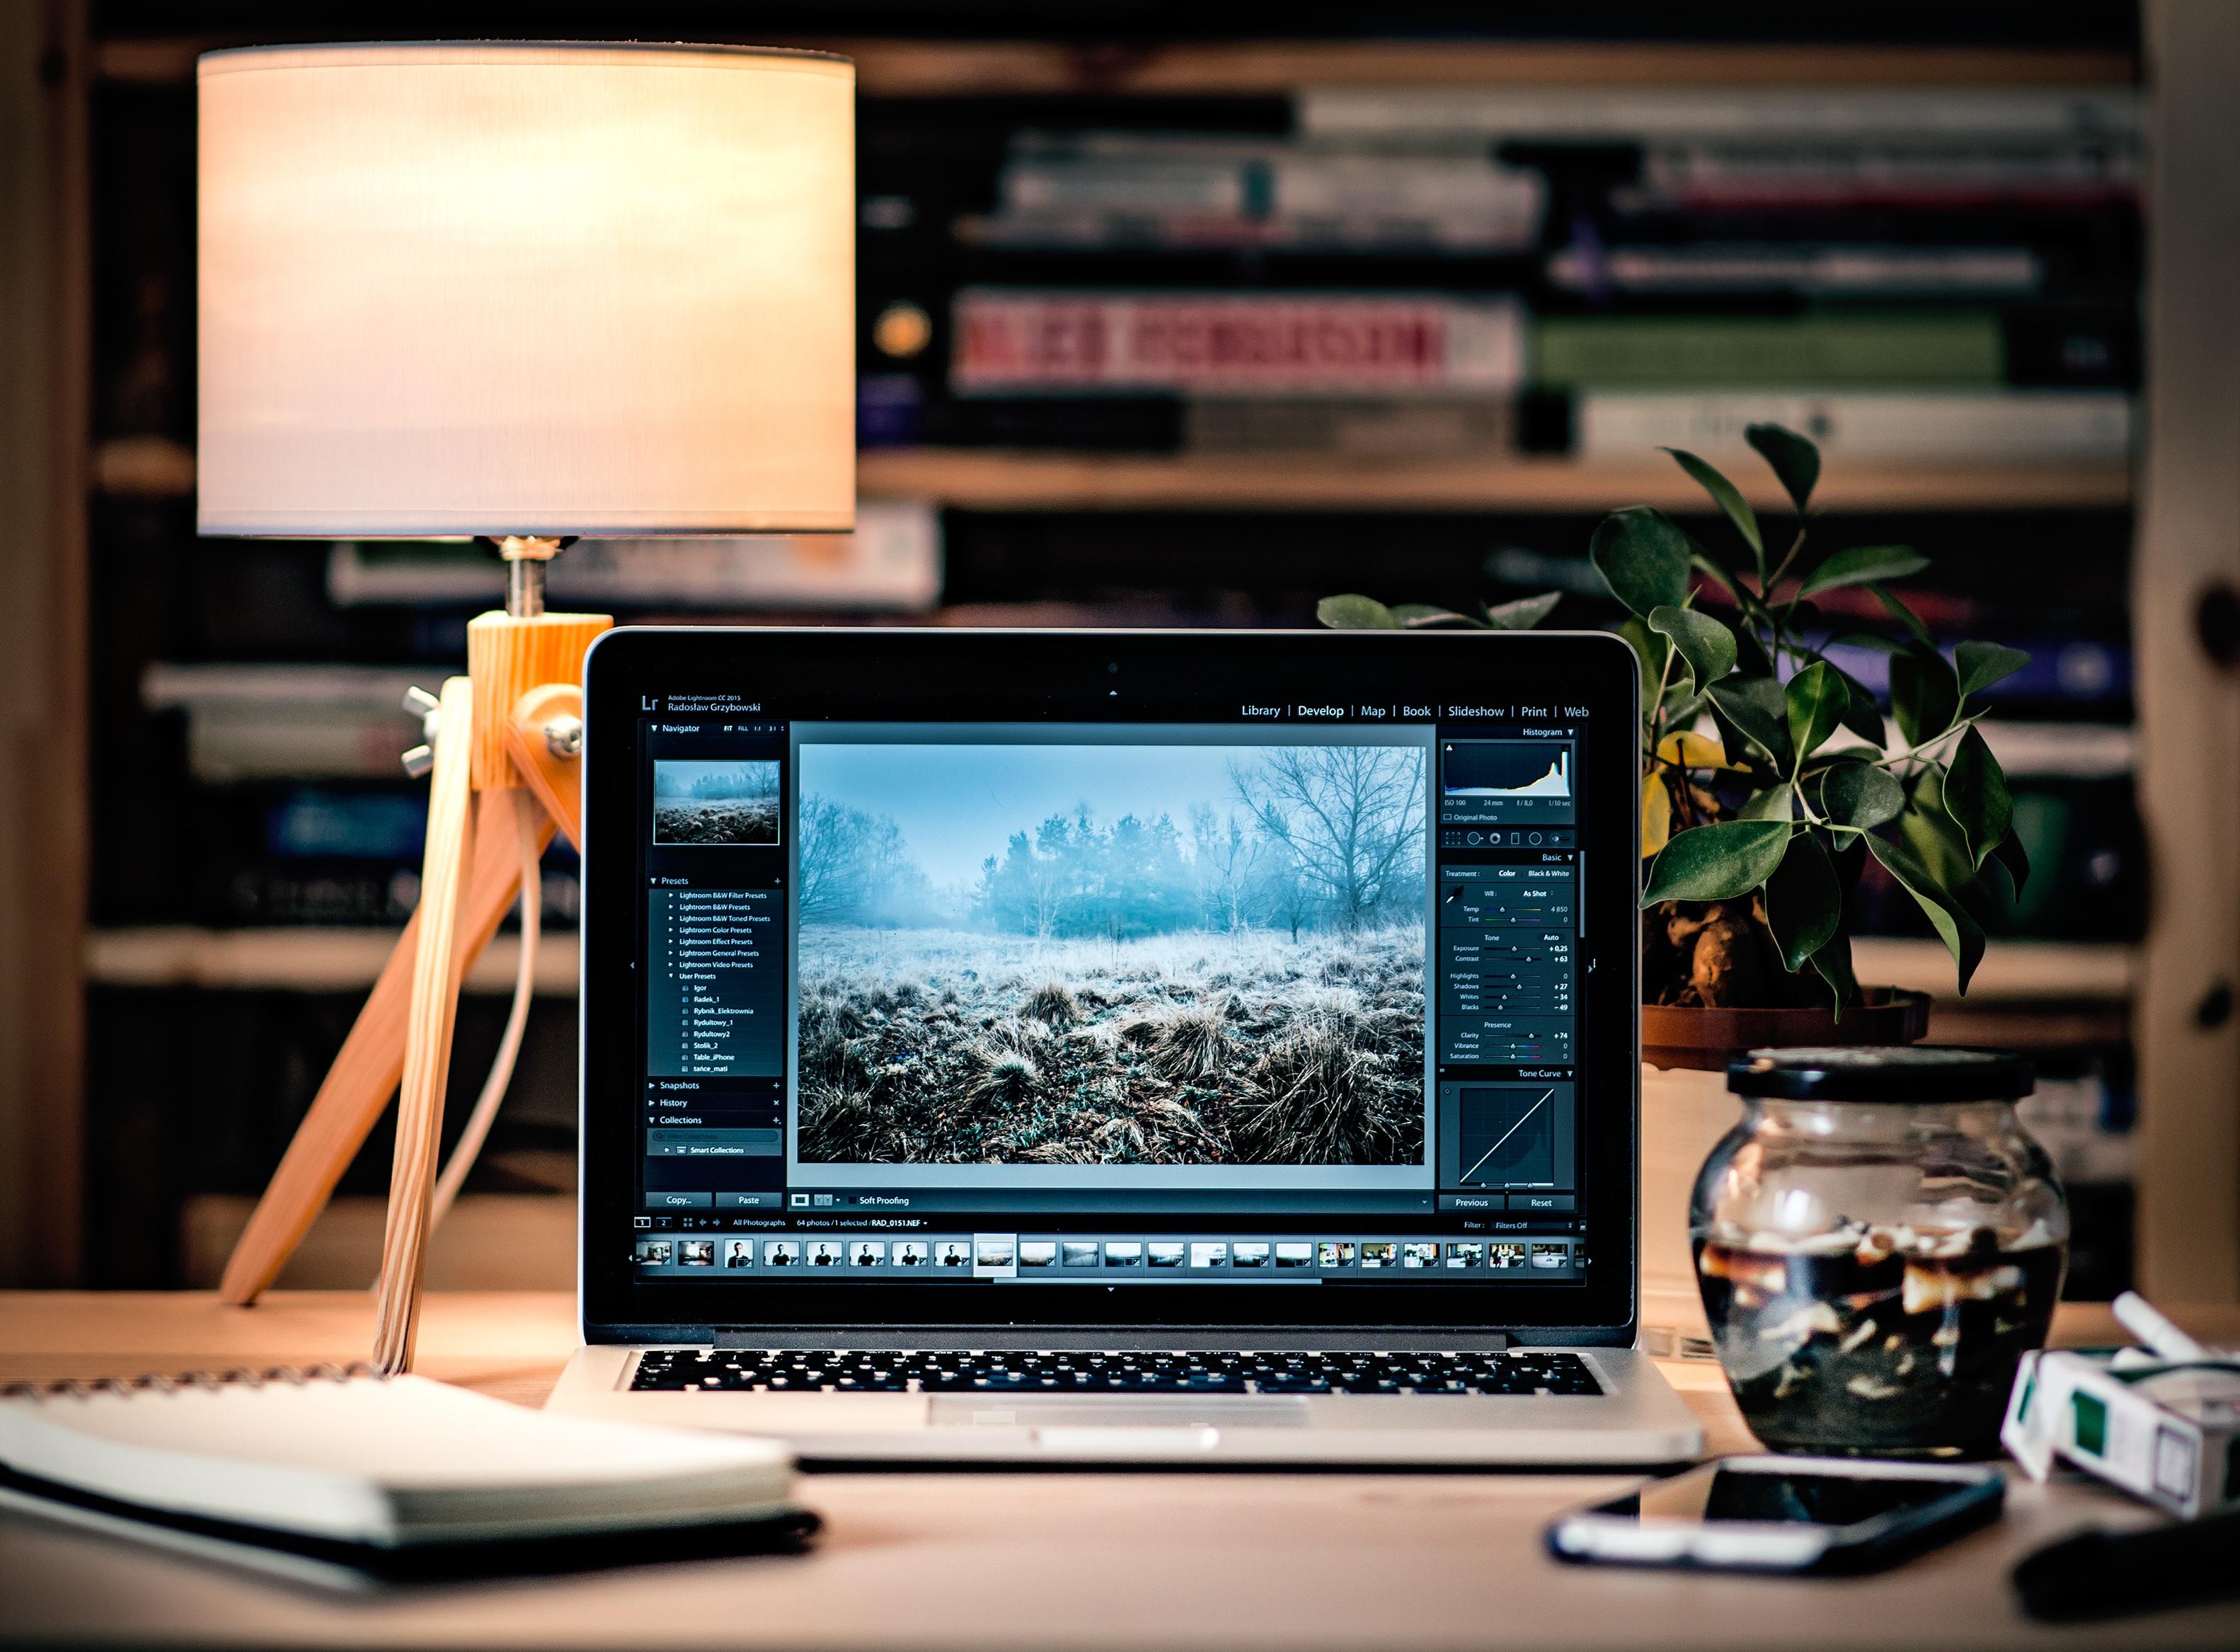 Free images laptop desk work technology home living - Free room design website ...